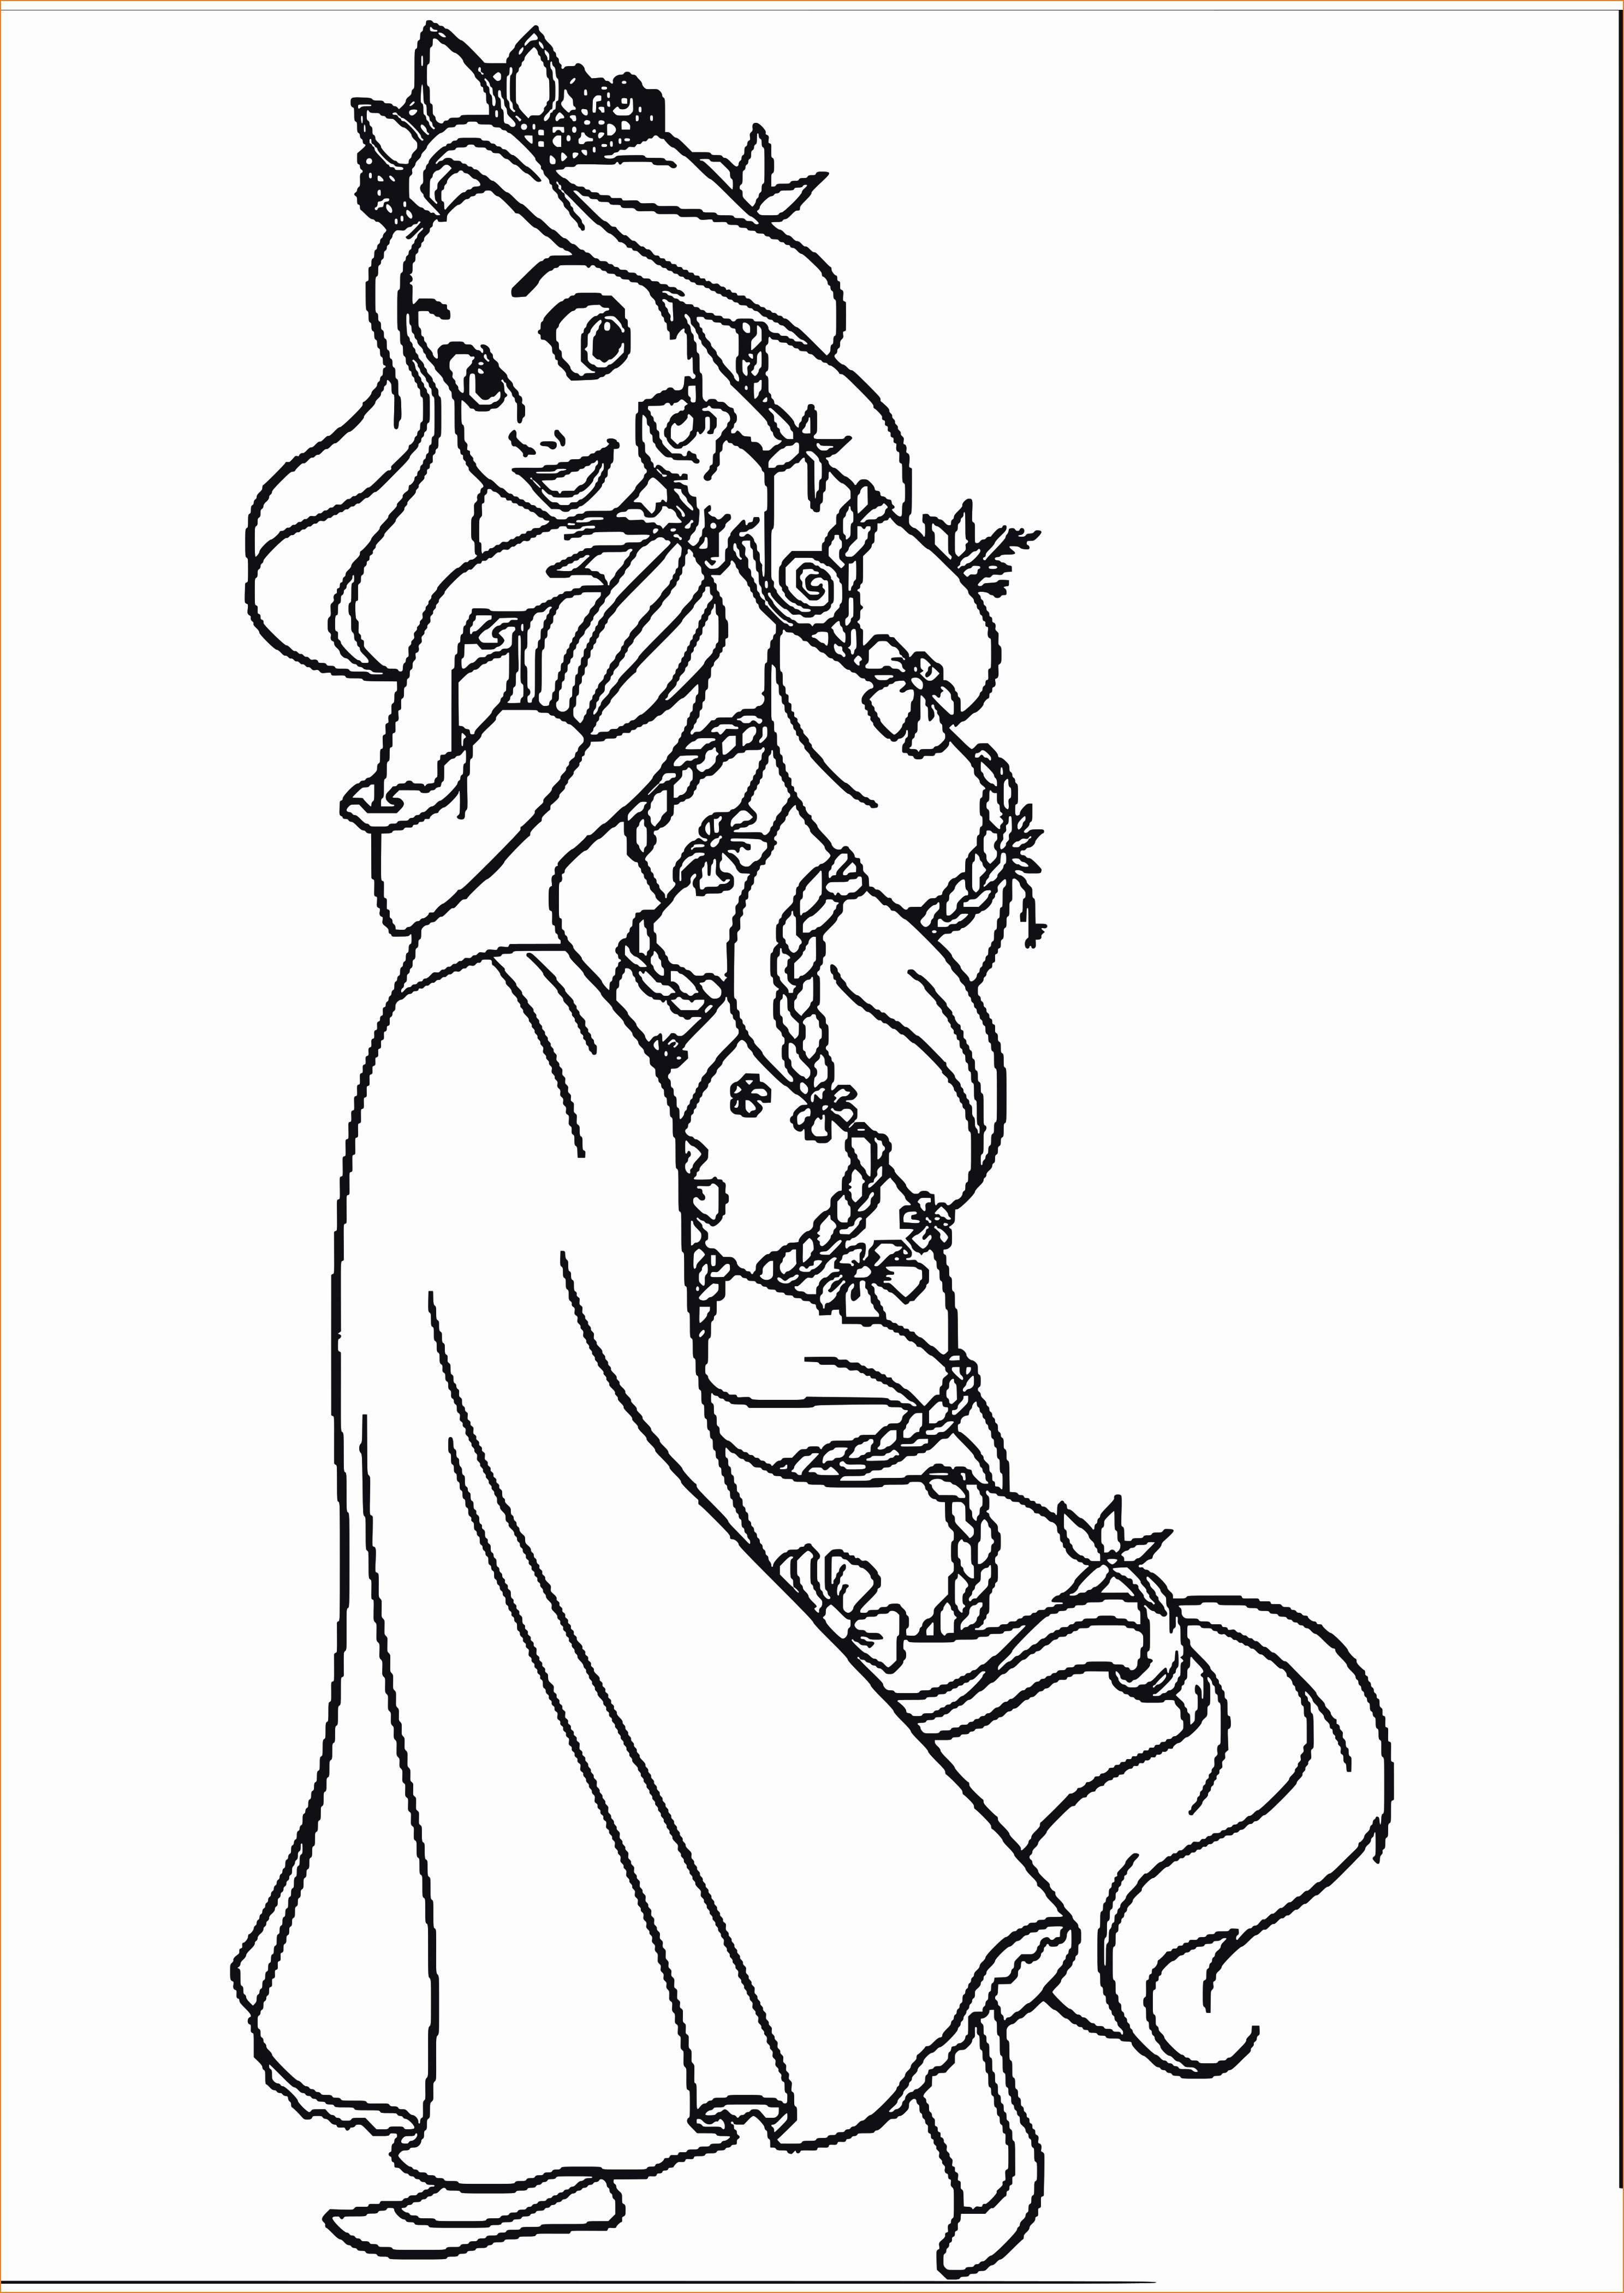 Ausmalbild Einhorn Mit Fee Genial Prinzessin Lillifee Malvorlage Galerie